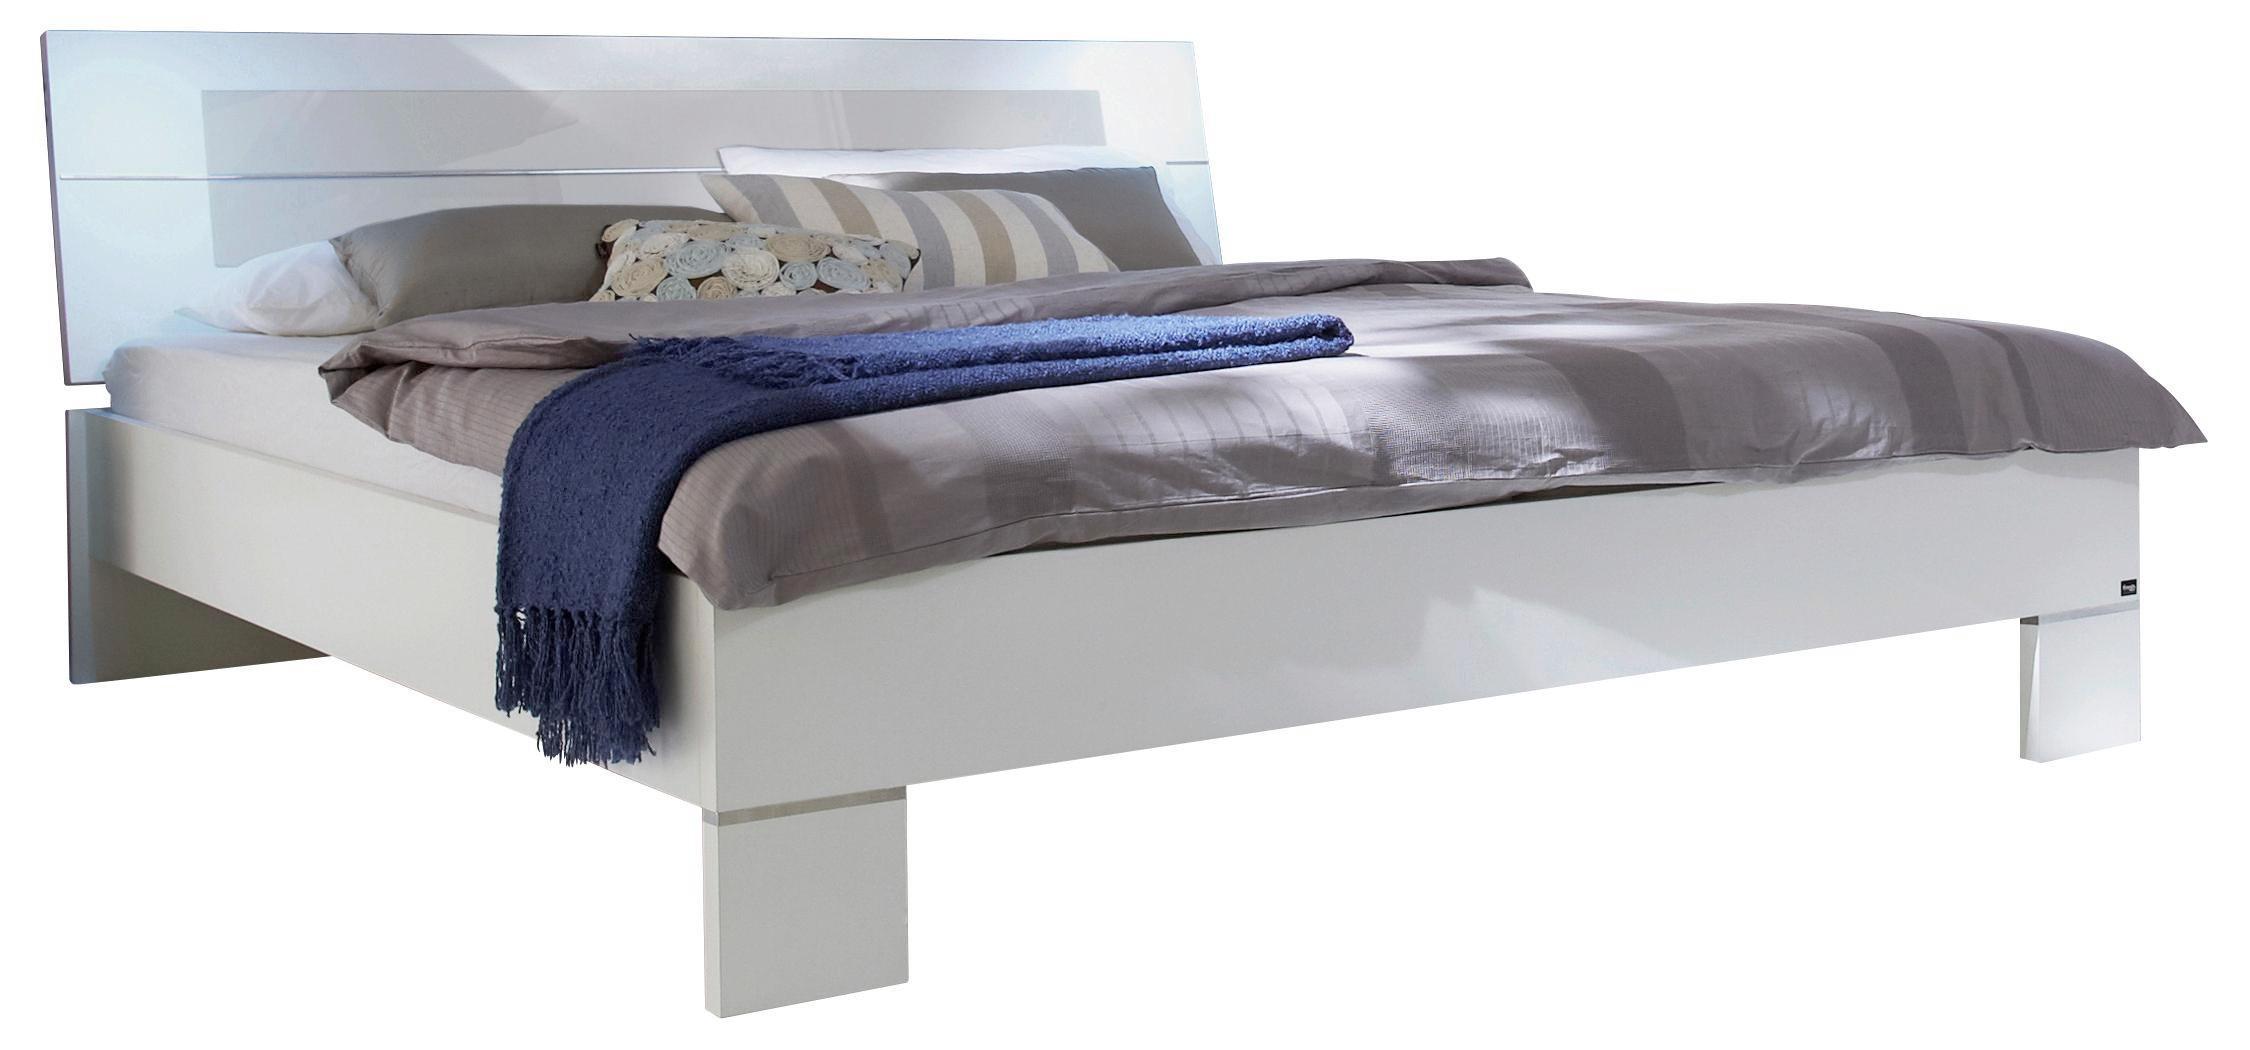 rauch betten 140x200 rauch betten 140x200 m bel referenz rauch betten 140x200 rauch betten und. Black Bedroom Furniture Sets. Home Design Ideas